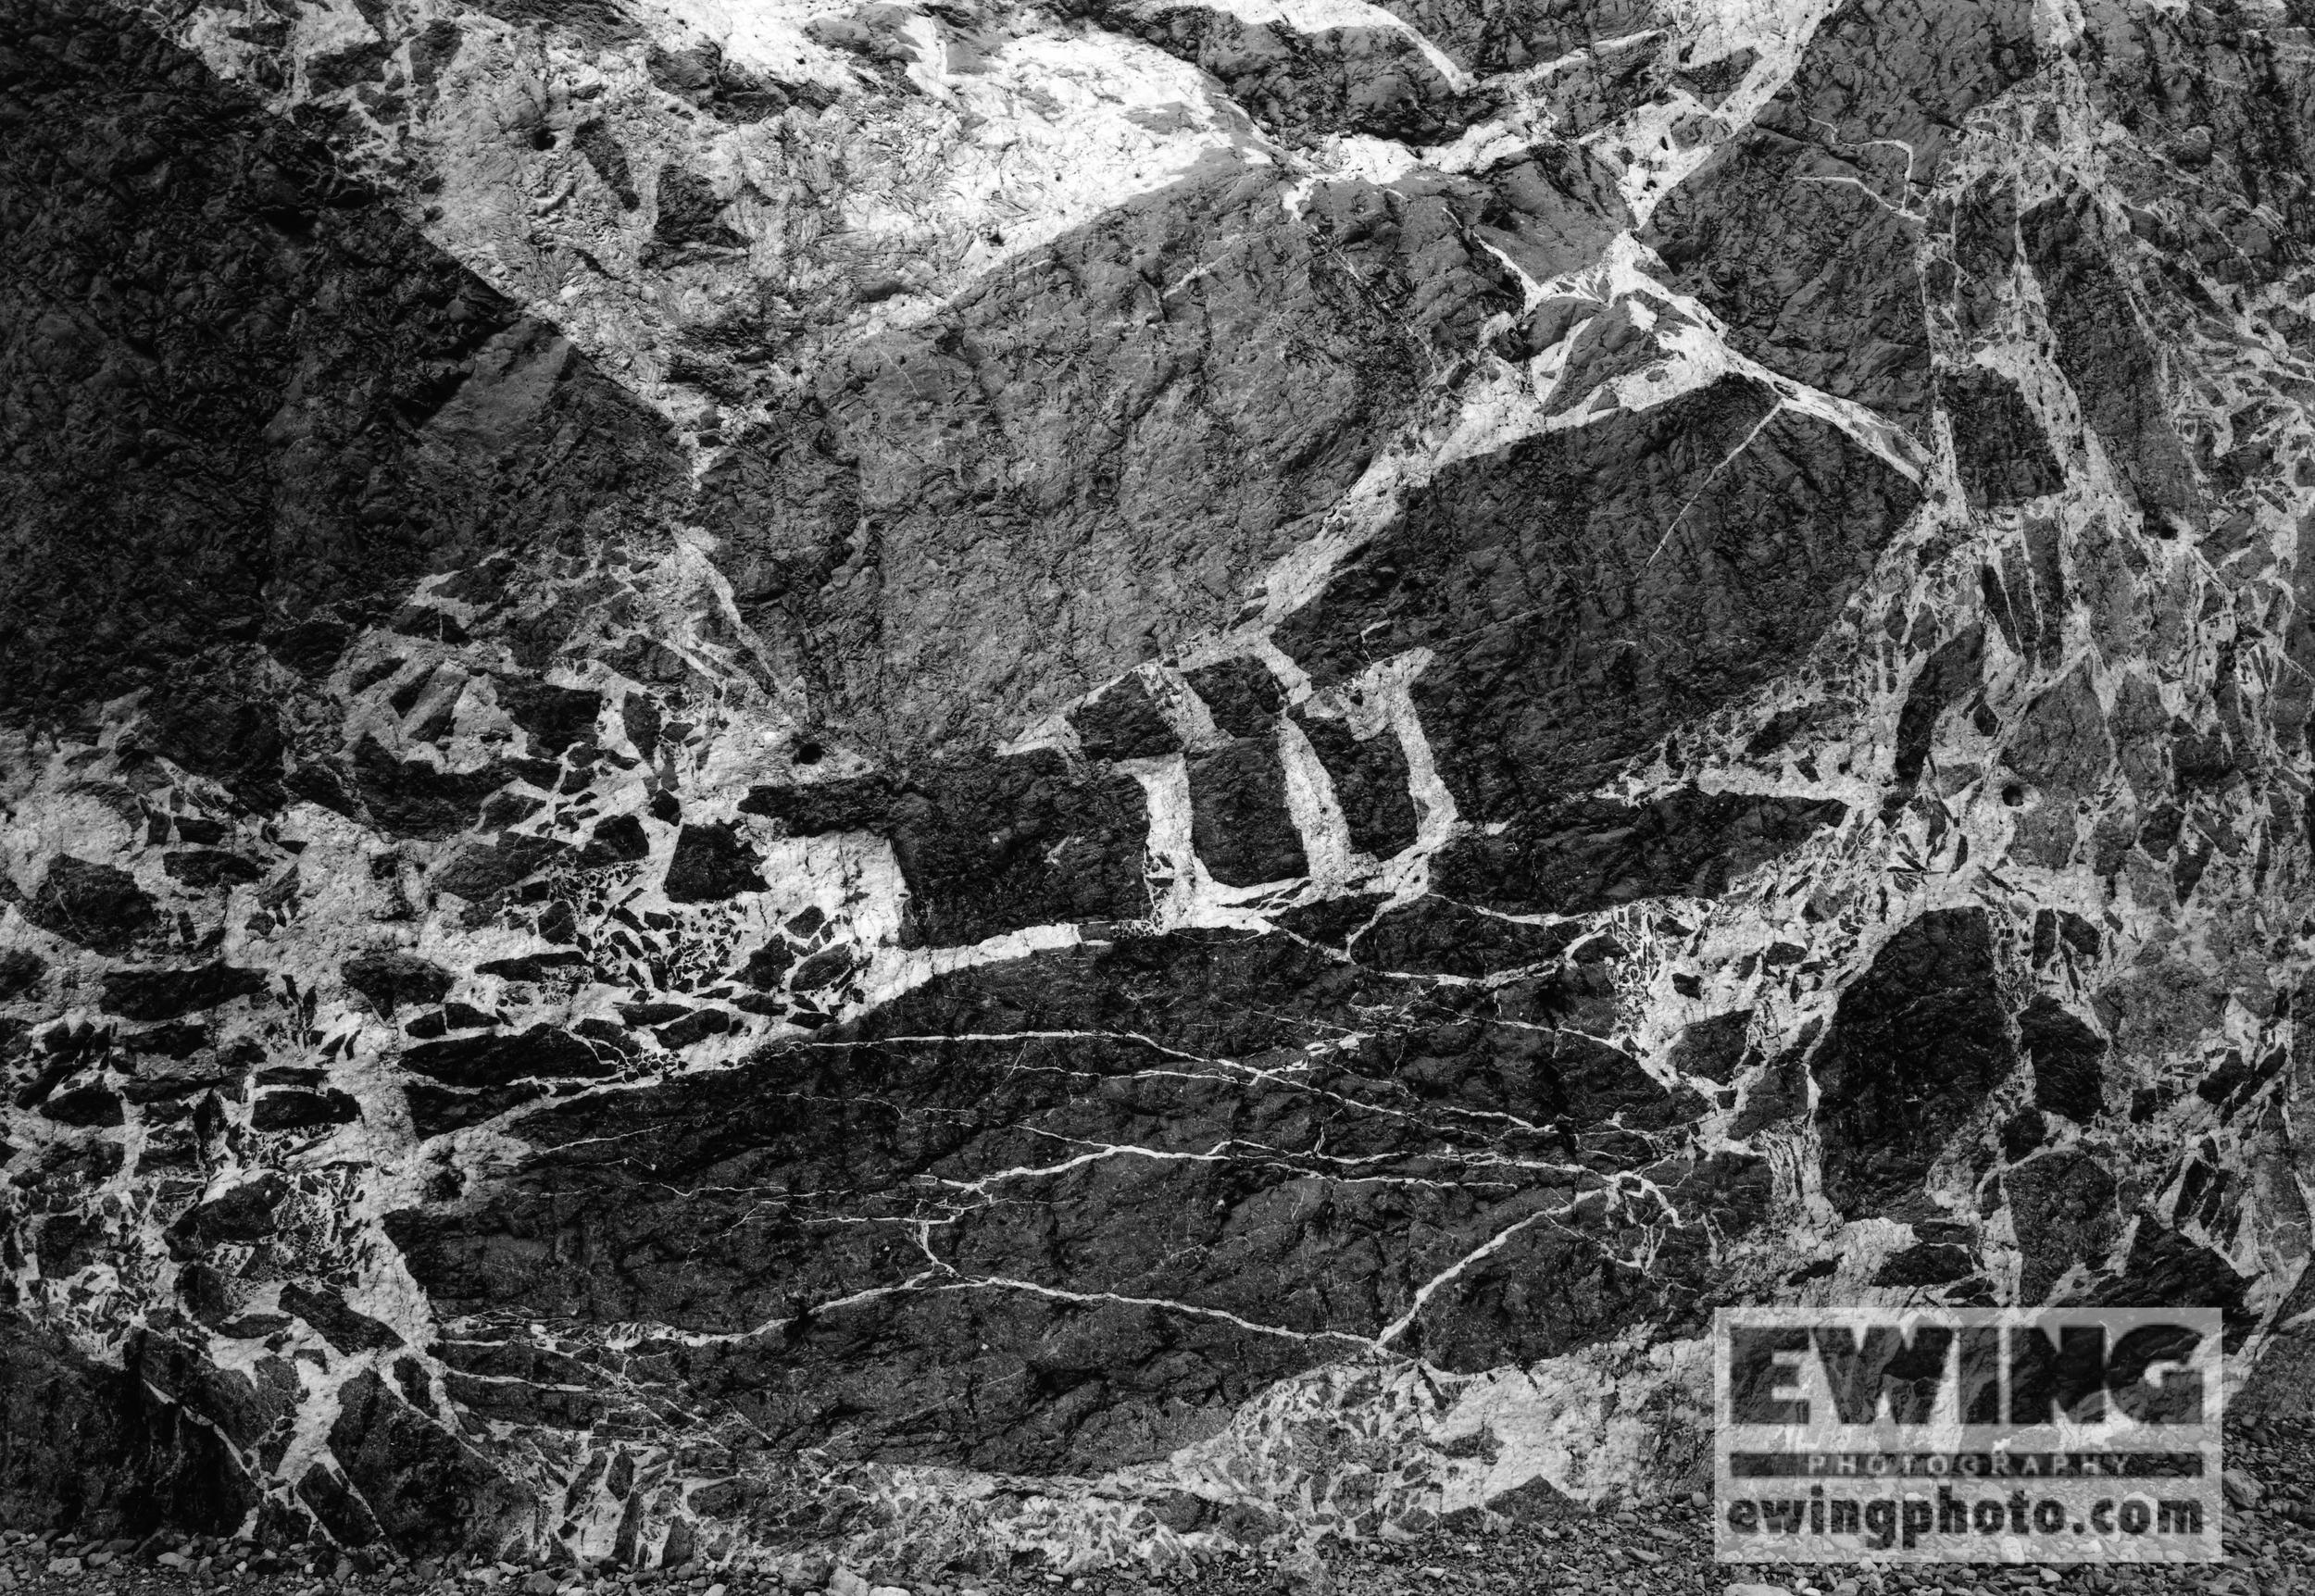 Titus Canyon, Death Valley California